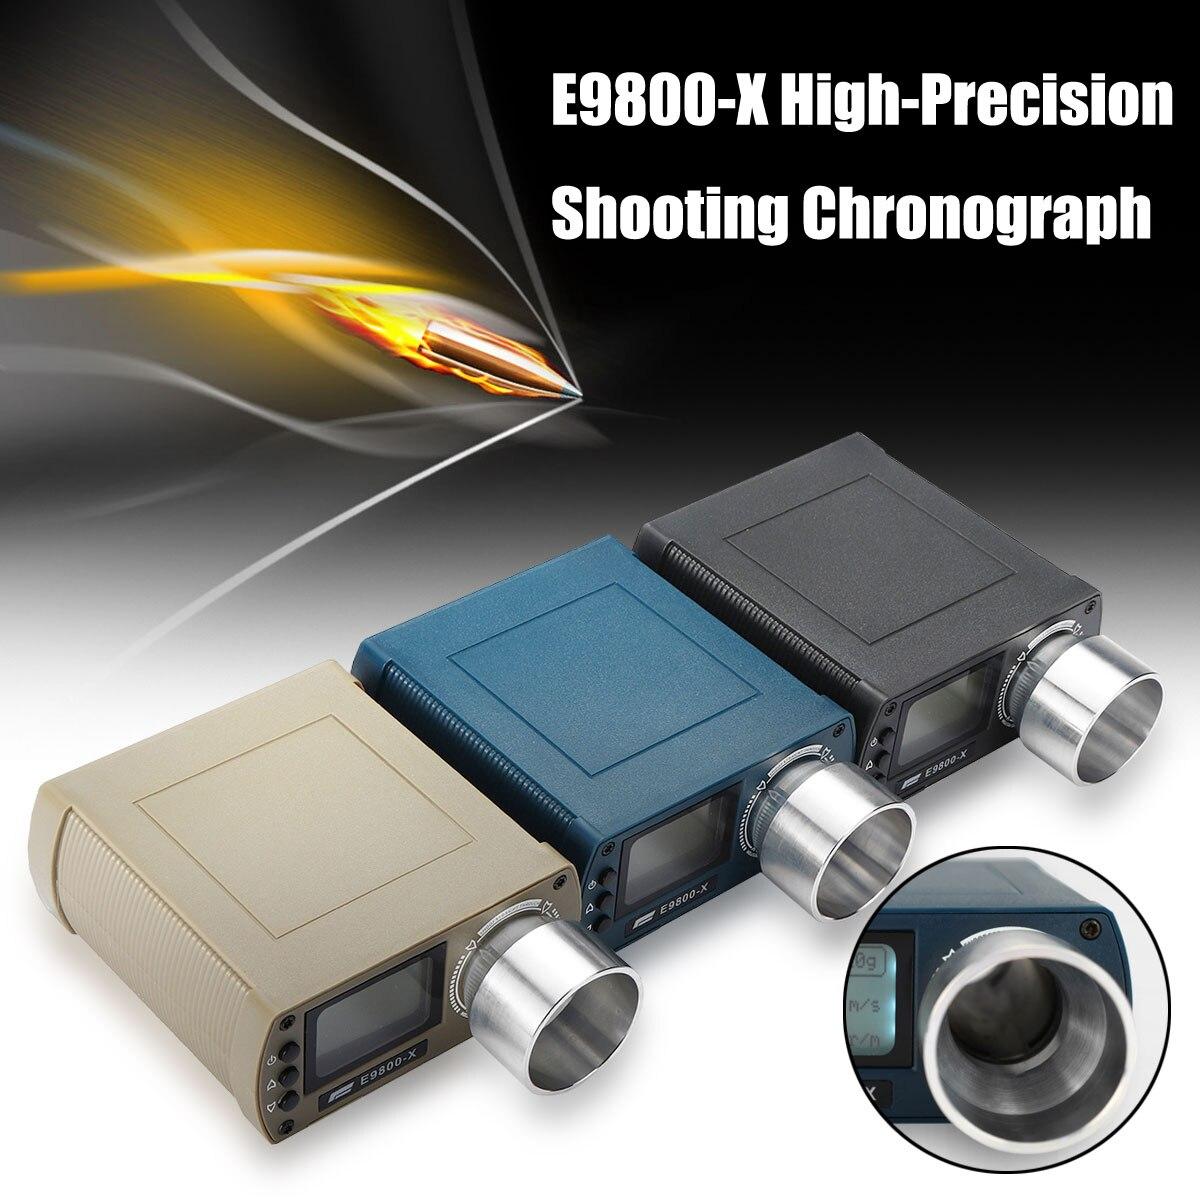 Airsoft BB E9800-X testeur de vitesse de prise de vue haute précision chronographe de prise de vue-10C à 50C 0-500J tir-énergie cinétique écran LCD